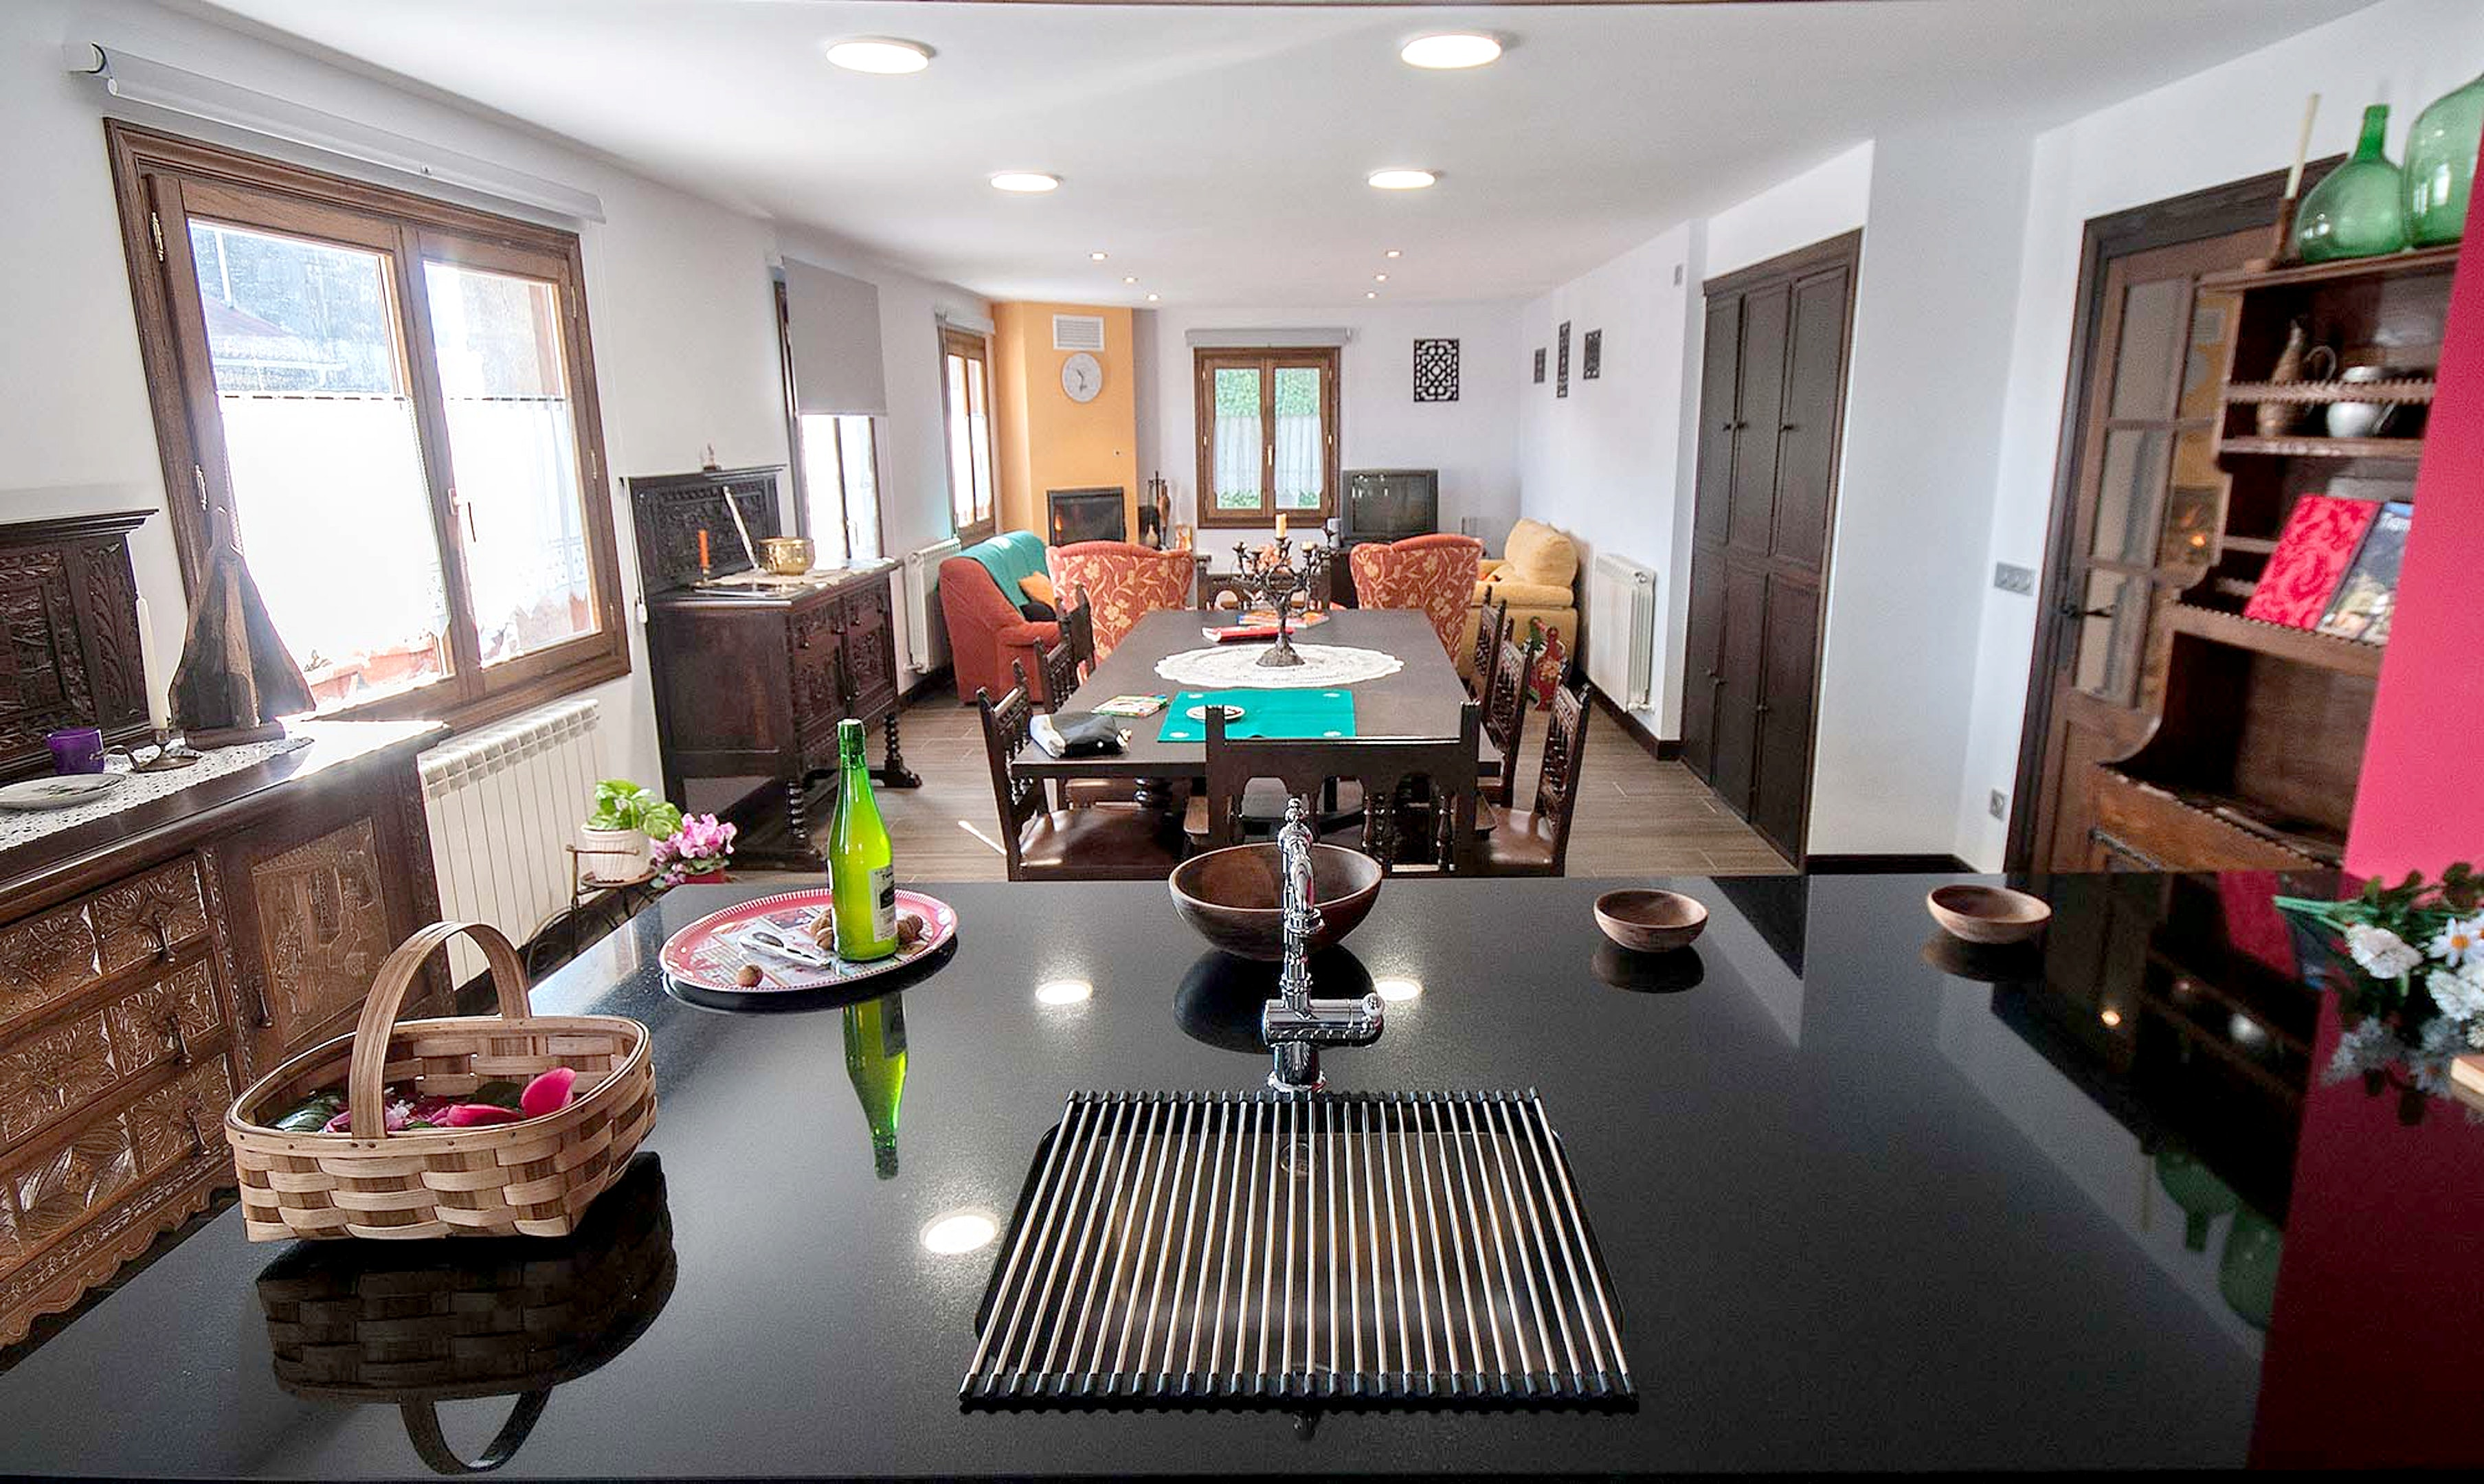 Ferienhaus Haus mit 5 Schlafzimmern in Baráibar mit toller Aussicht auf die Berge, möbliertem Garten  (2541138), Baraibar, , Navarra, Spanien, Bild 3